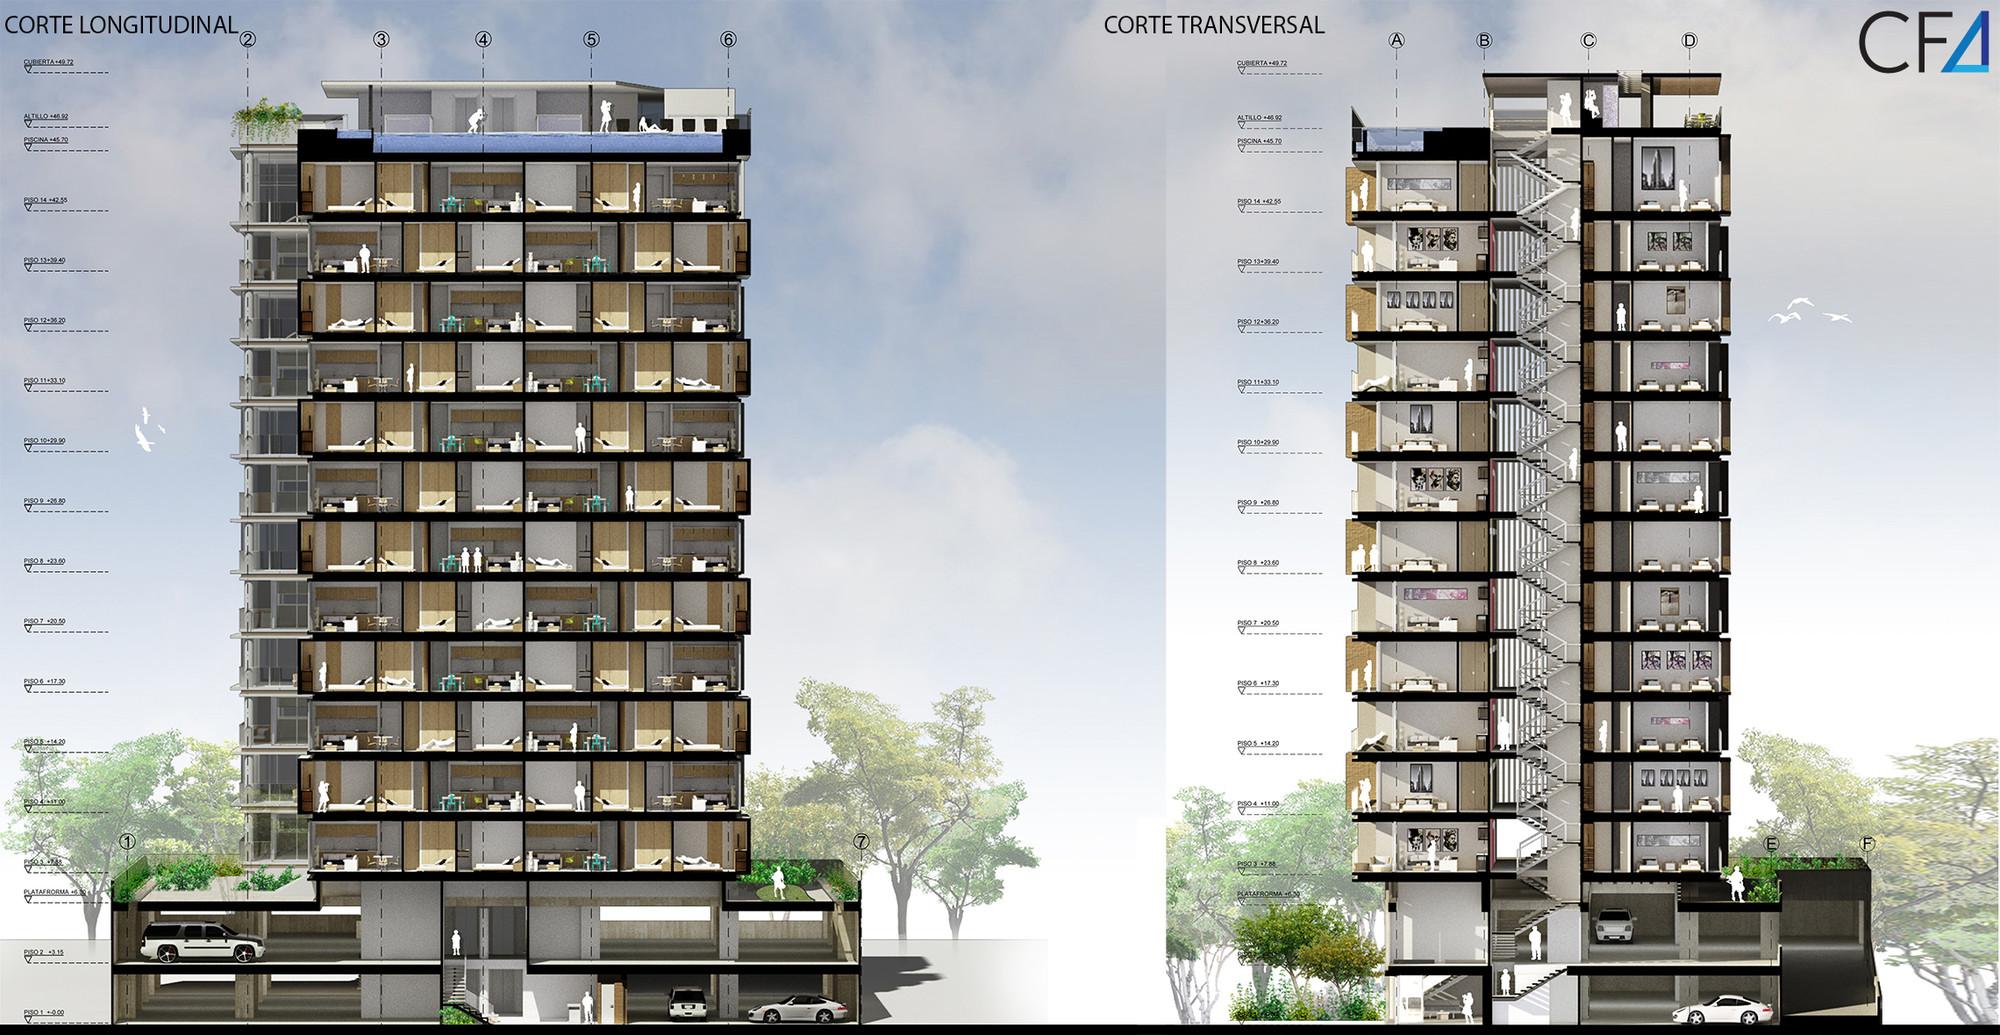 Galer a de primer lugar proyecto puerto salguero lgn for Arquitectura nota de corte